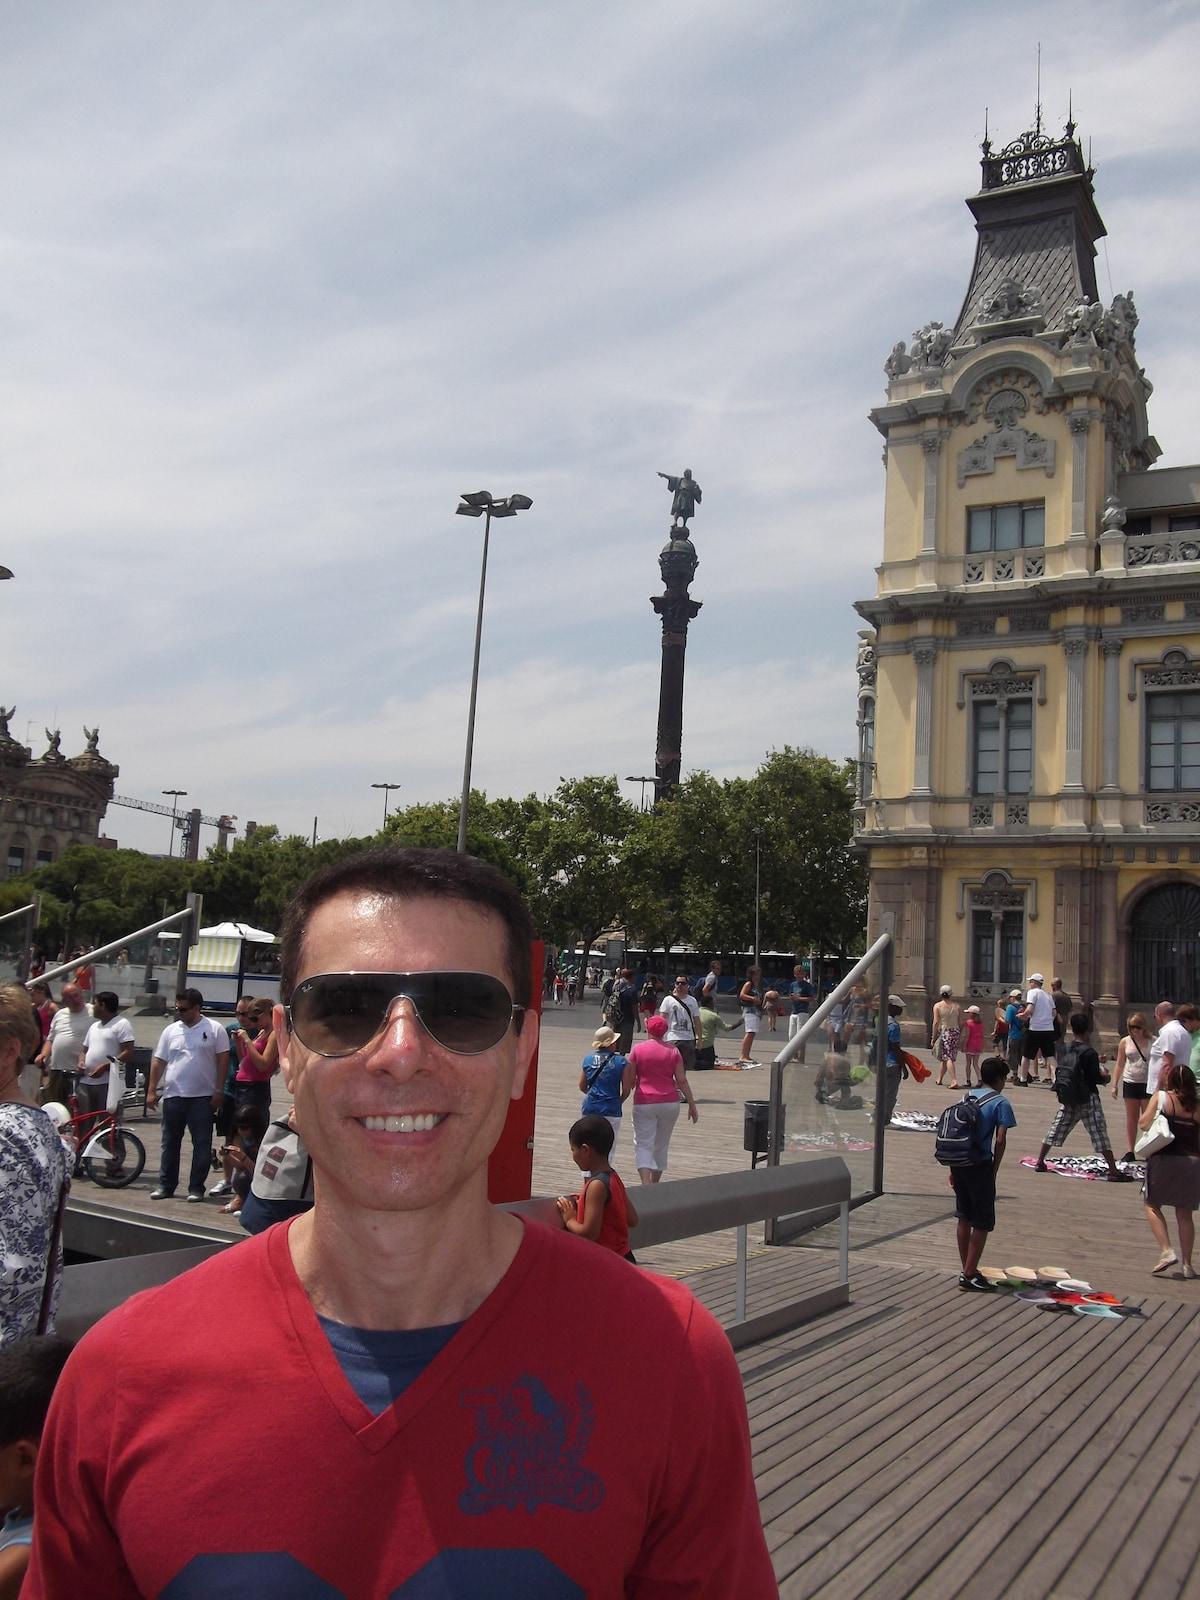 Eduardo from Rio de Janeiro